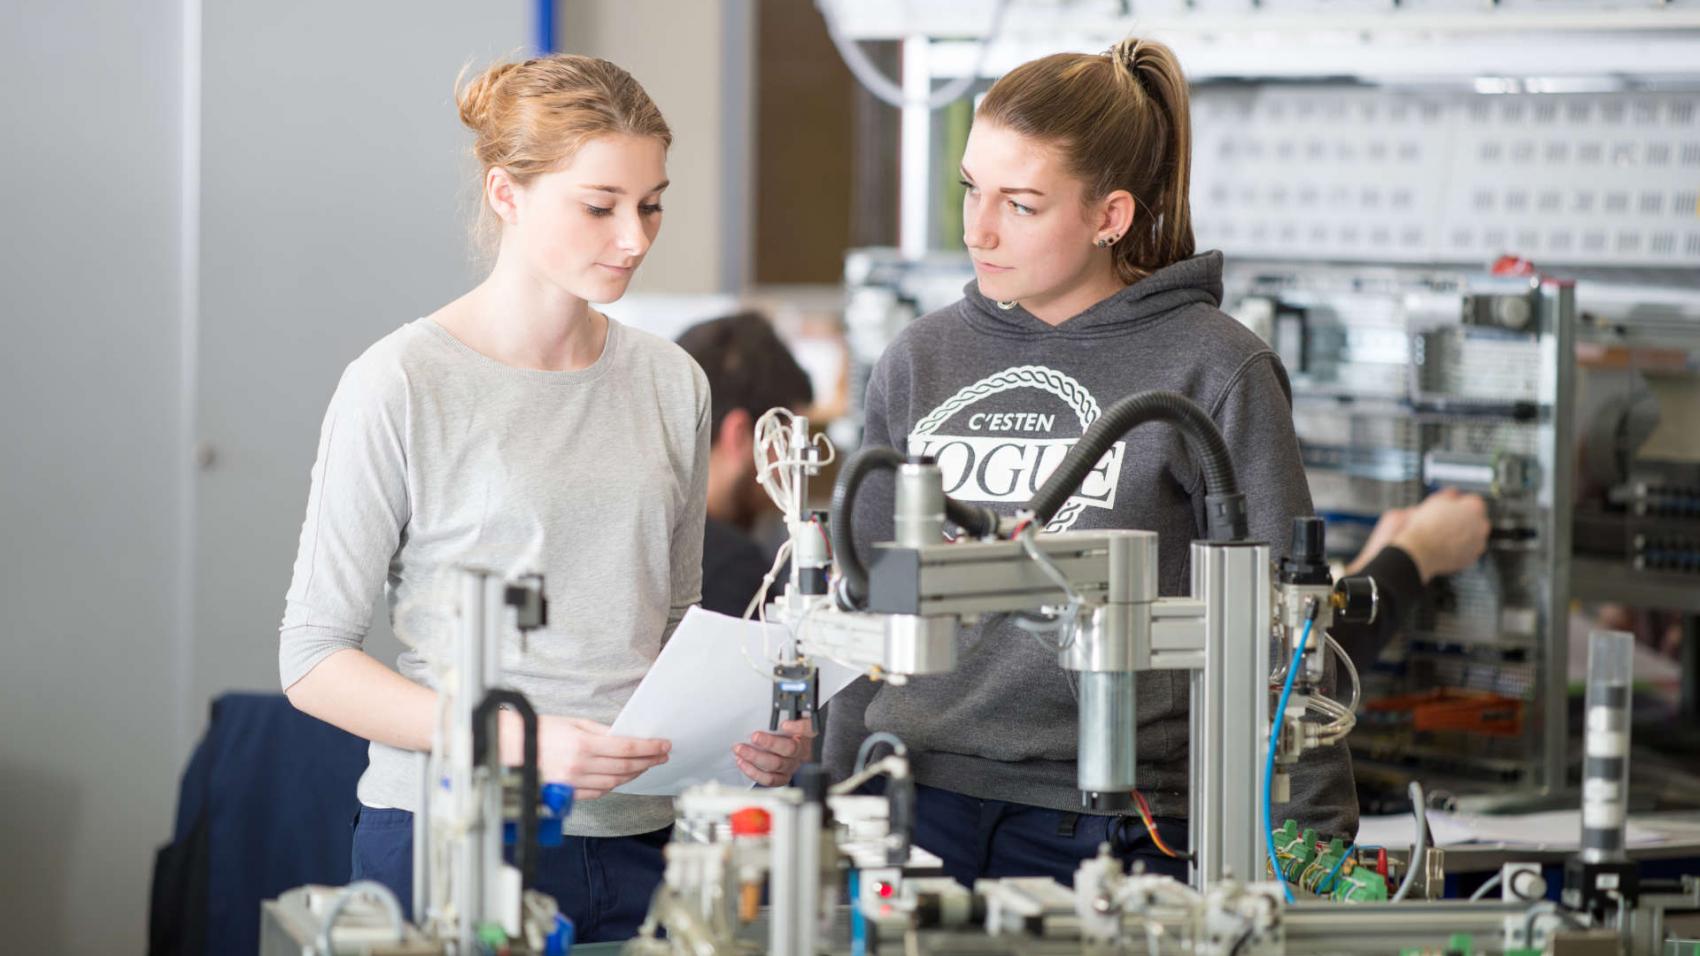 AV_Fachschule_fuer_Elektrotechnik_07.03.2017_639